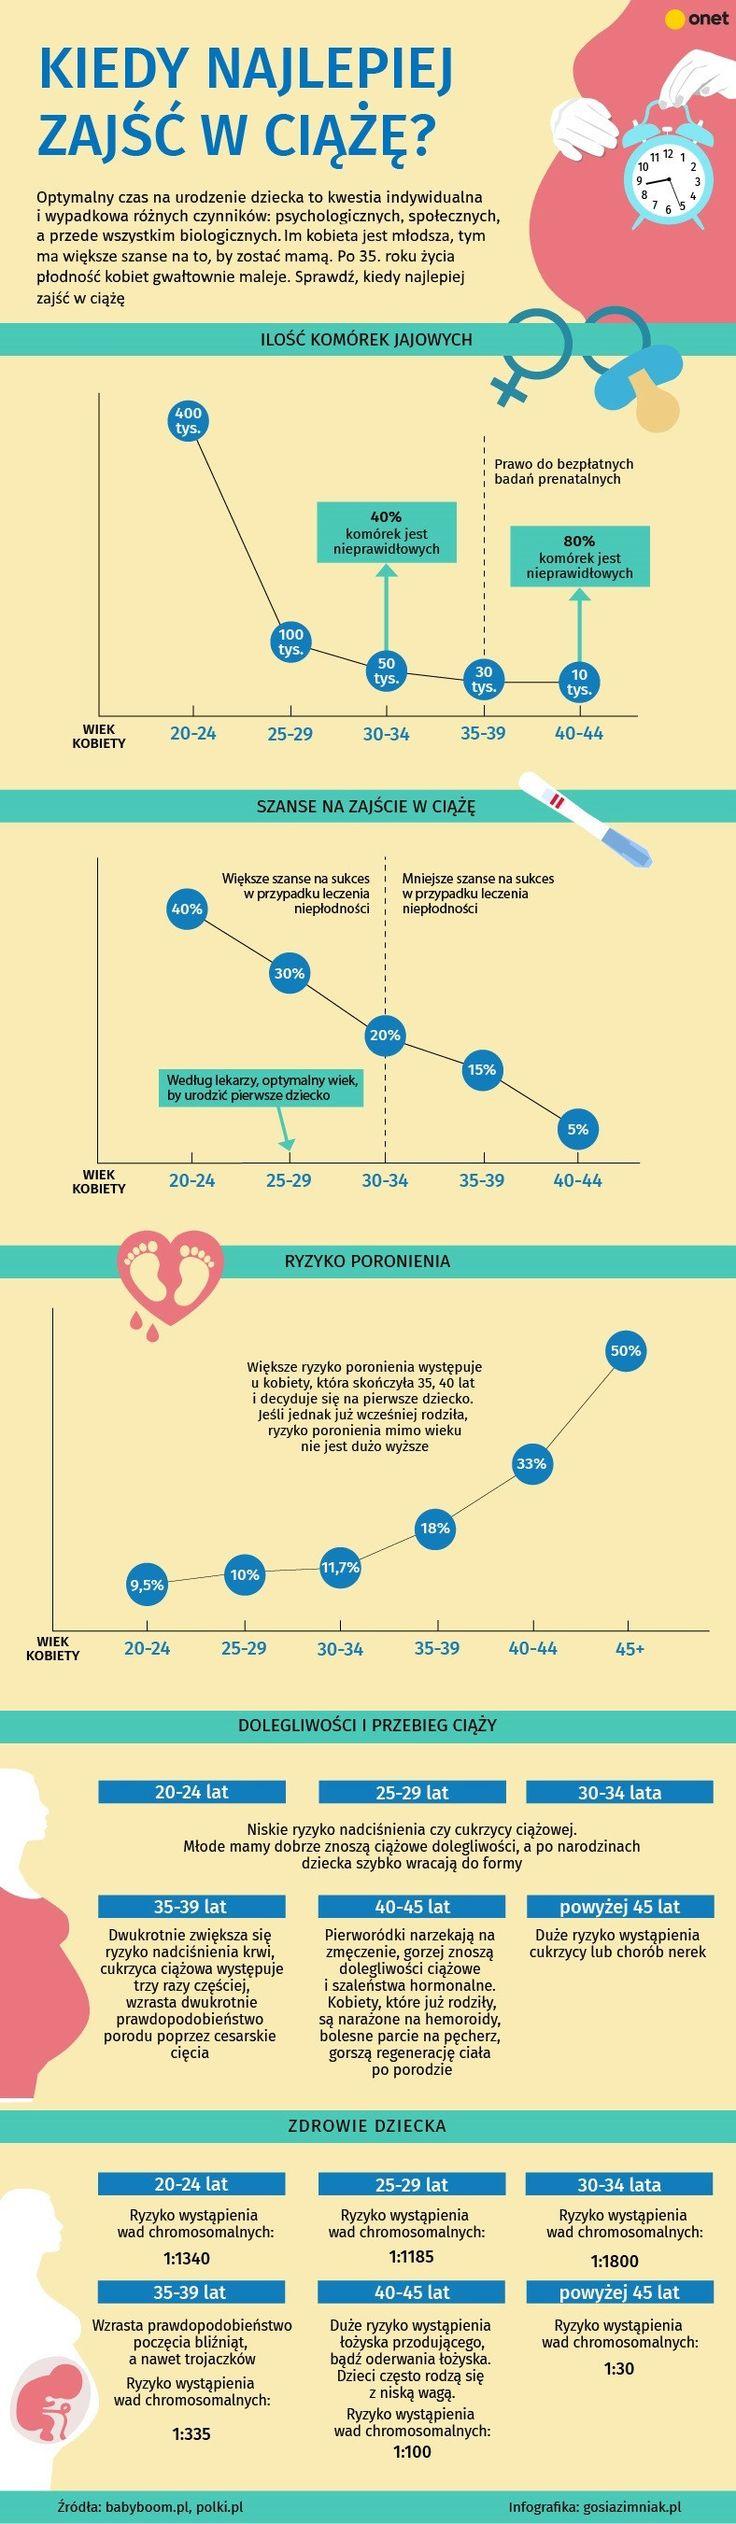 #infografika #macierzyństwo #ciąża